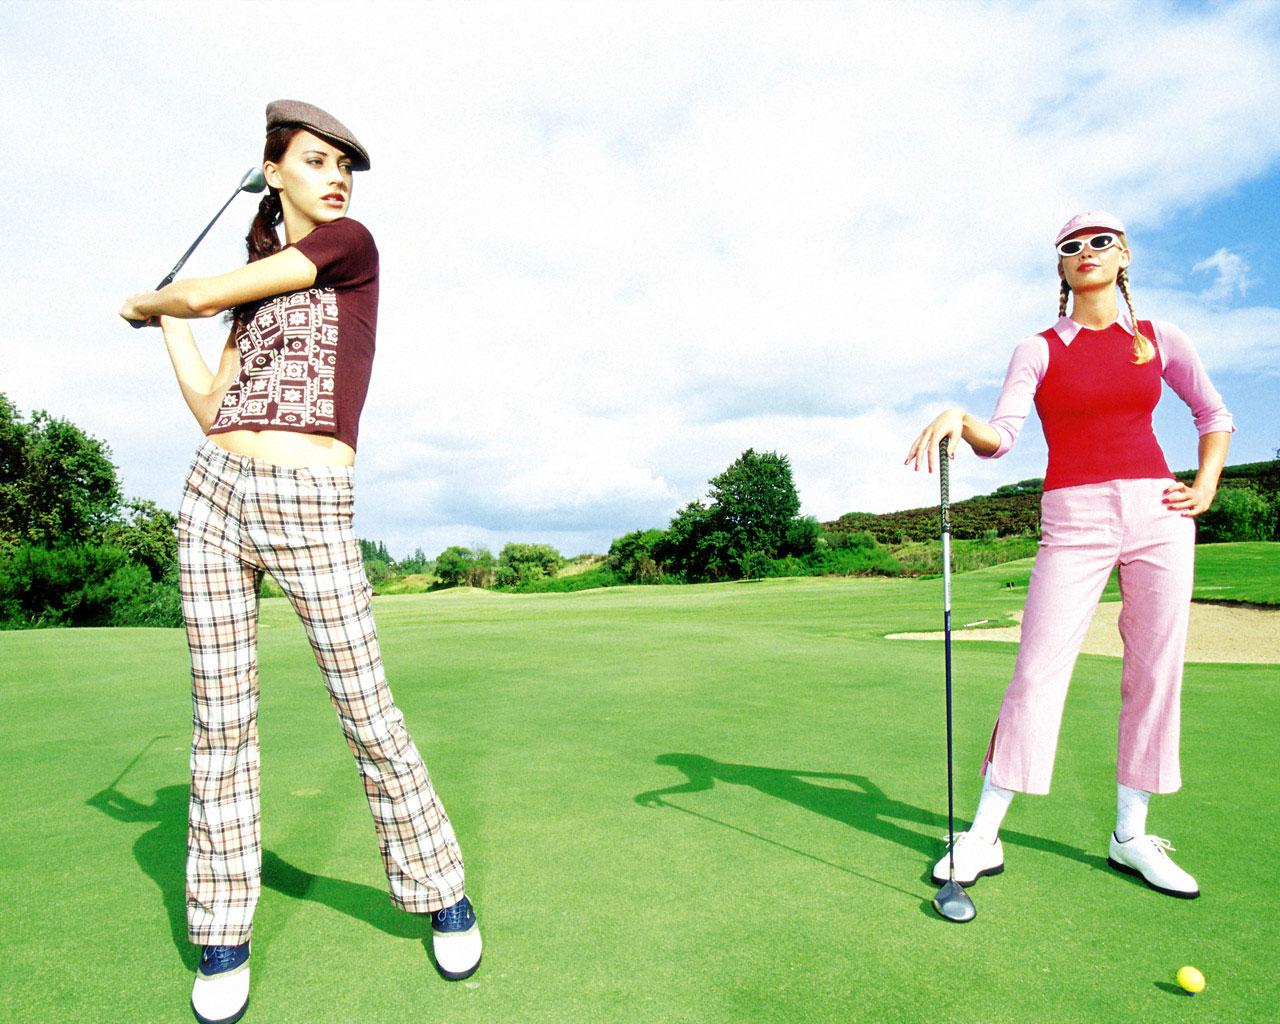 Desktop Wallpaper Golf Desktop Wallpaper 1280x1024